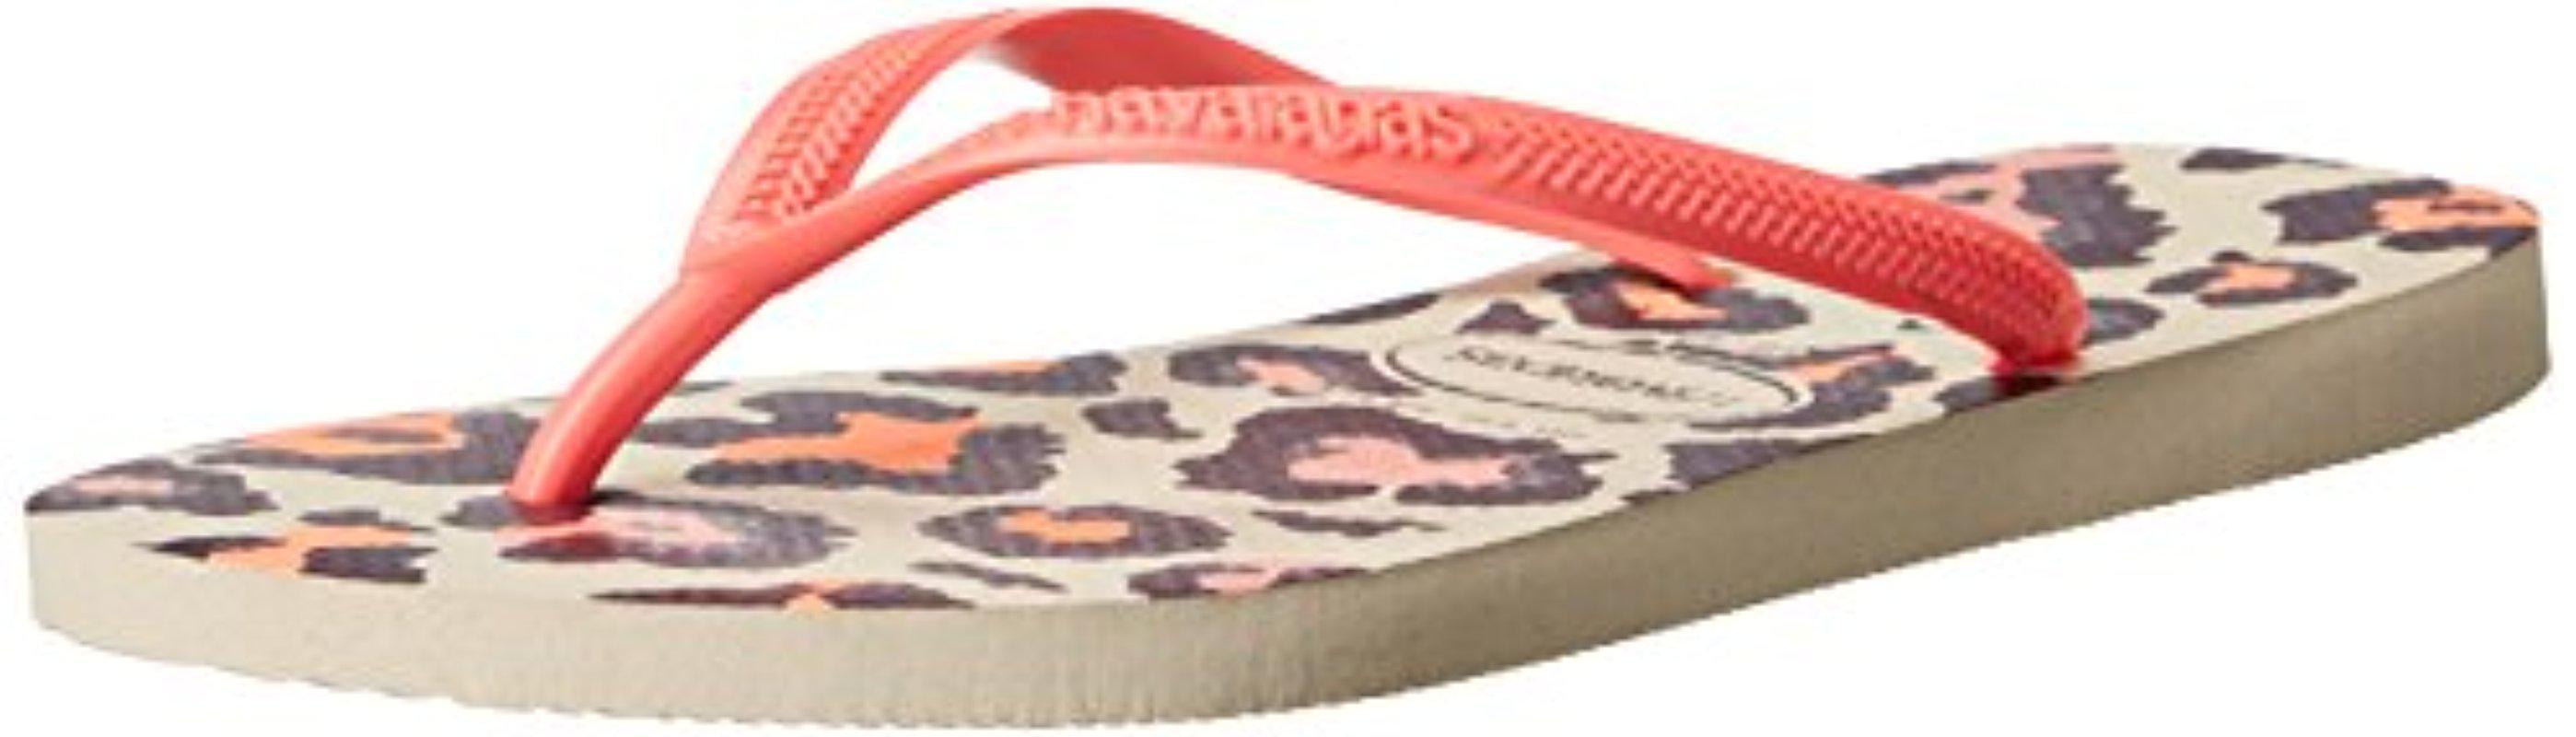 b2998b70db21f3 Lyst - Havaianas Slim Flip Flop Sandals